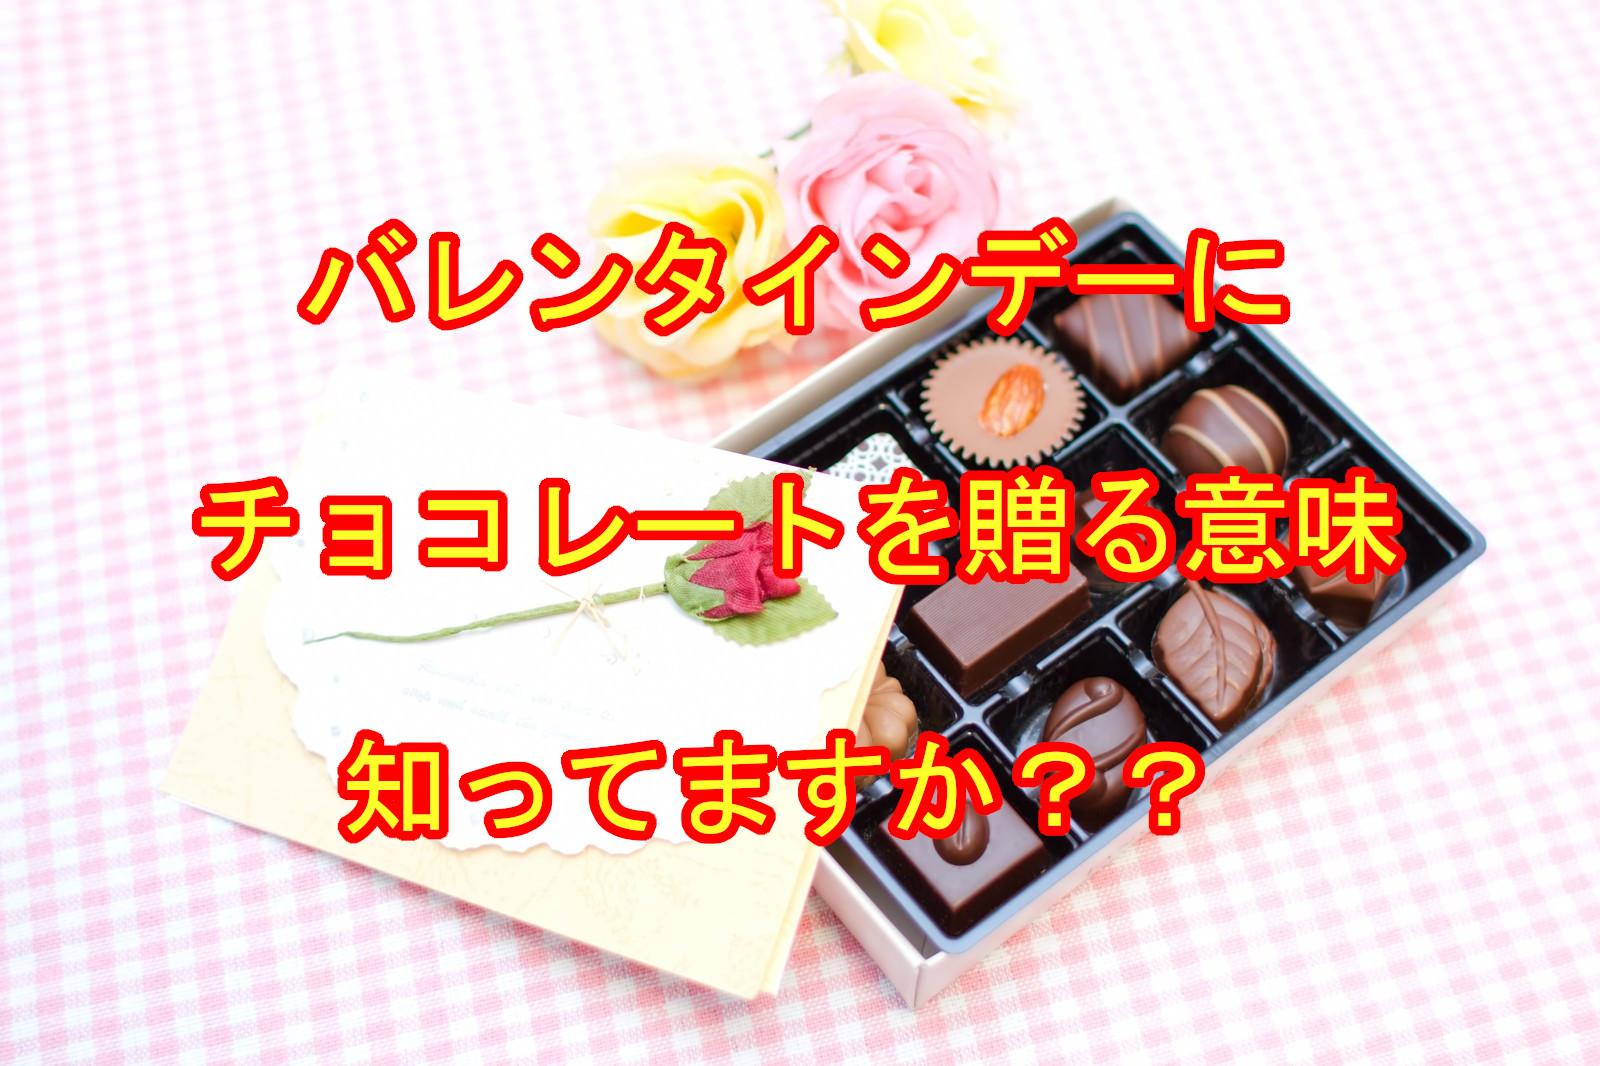 バレンタインにチョコレートを贈る意味